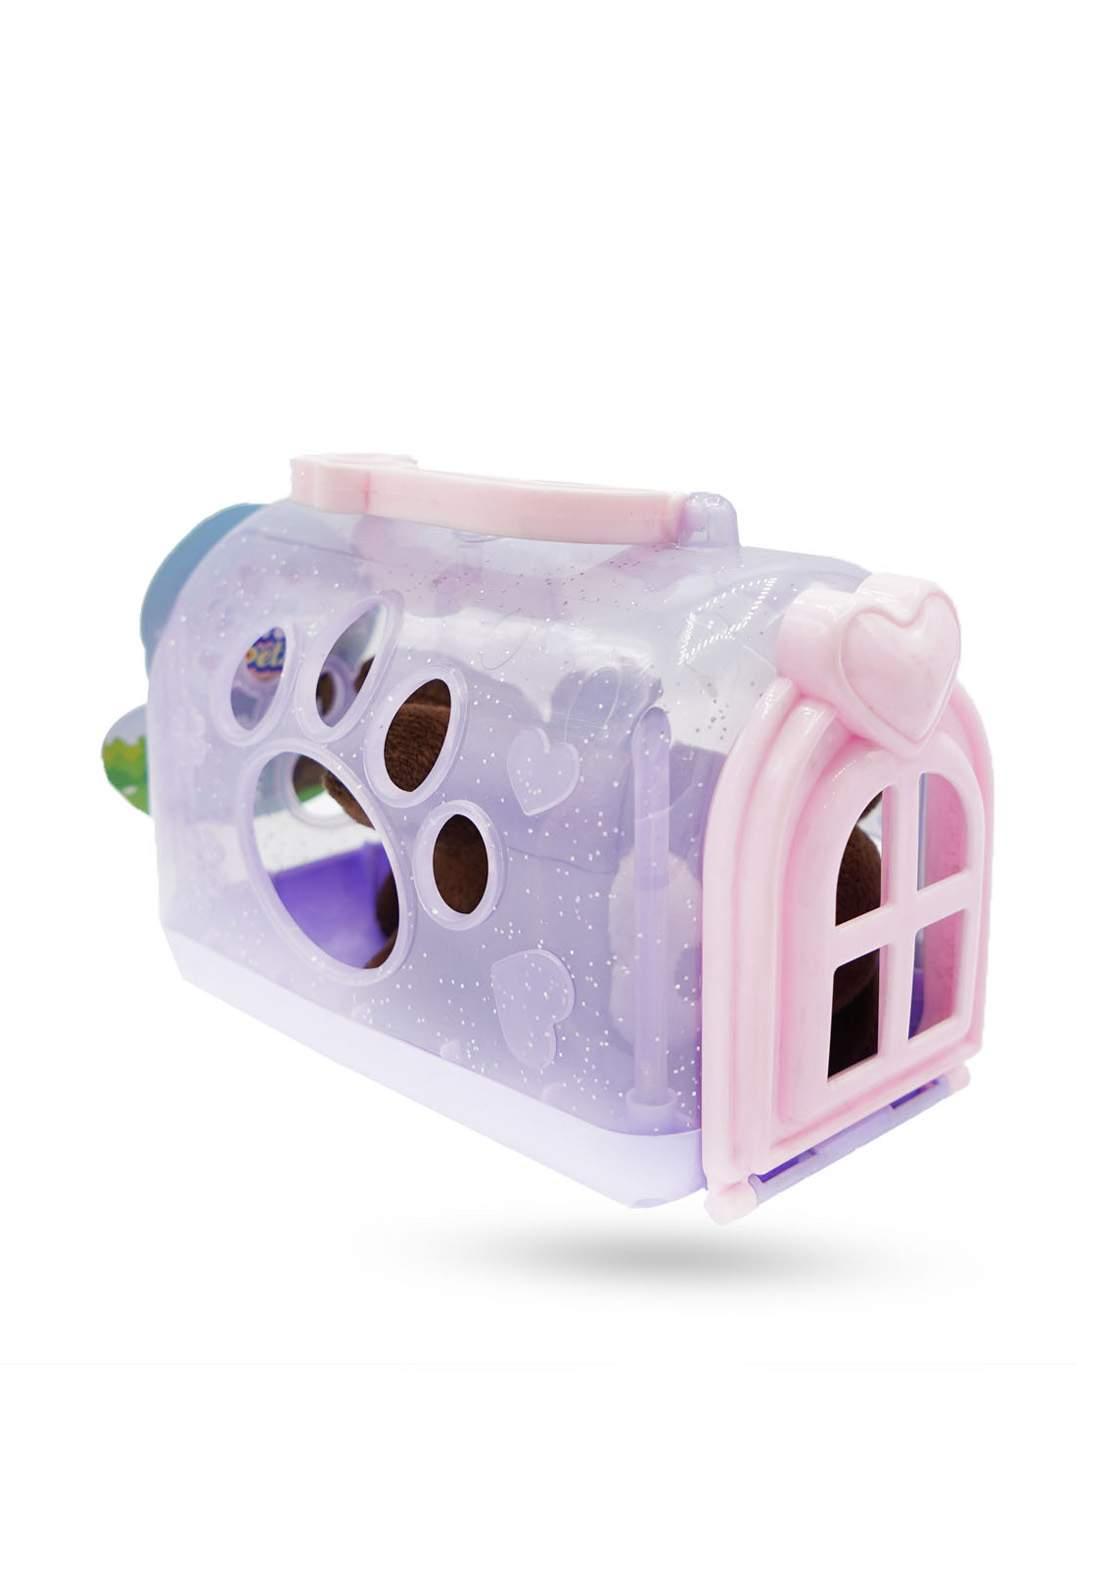 Dog house game for kids لعبة للأطفال